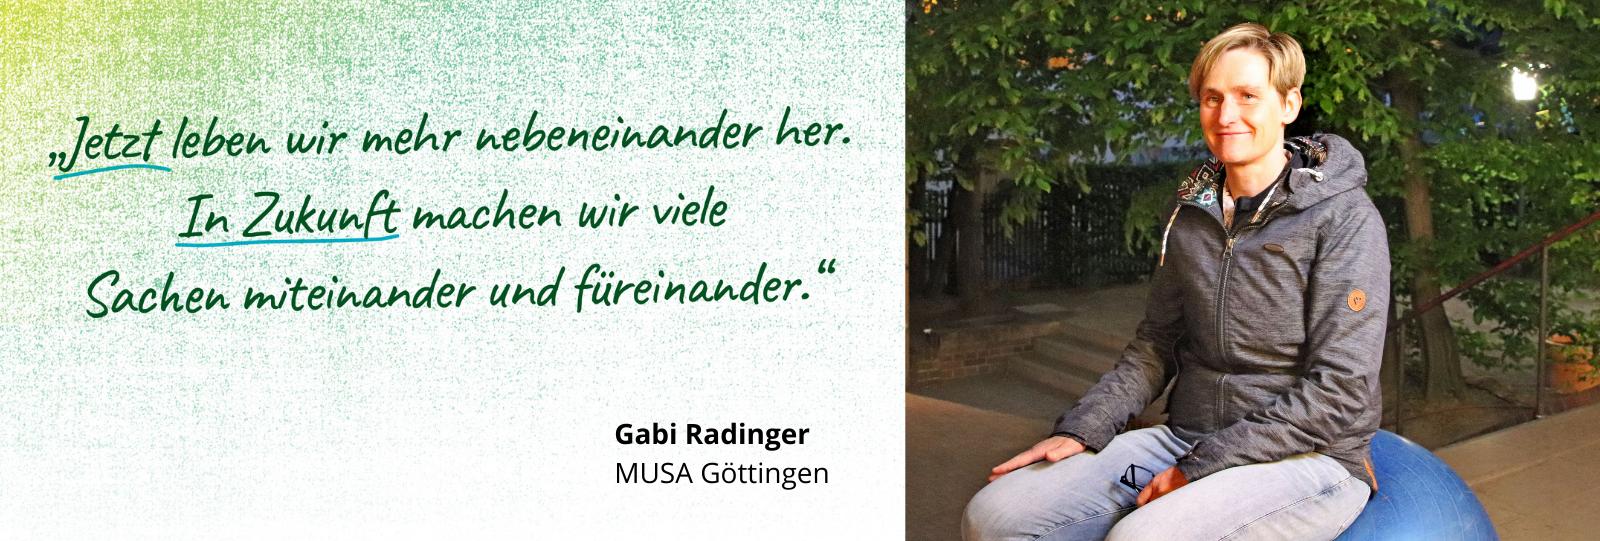 https://www.jetztinzukunft.de/wp-content/uploads/2020/11/Web-Zitat-Gabi-Radinger-1600x541.png